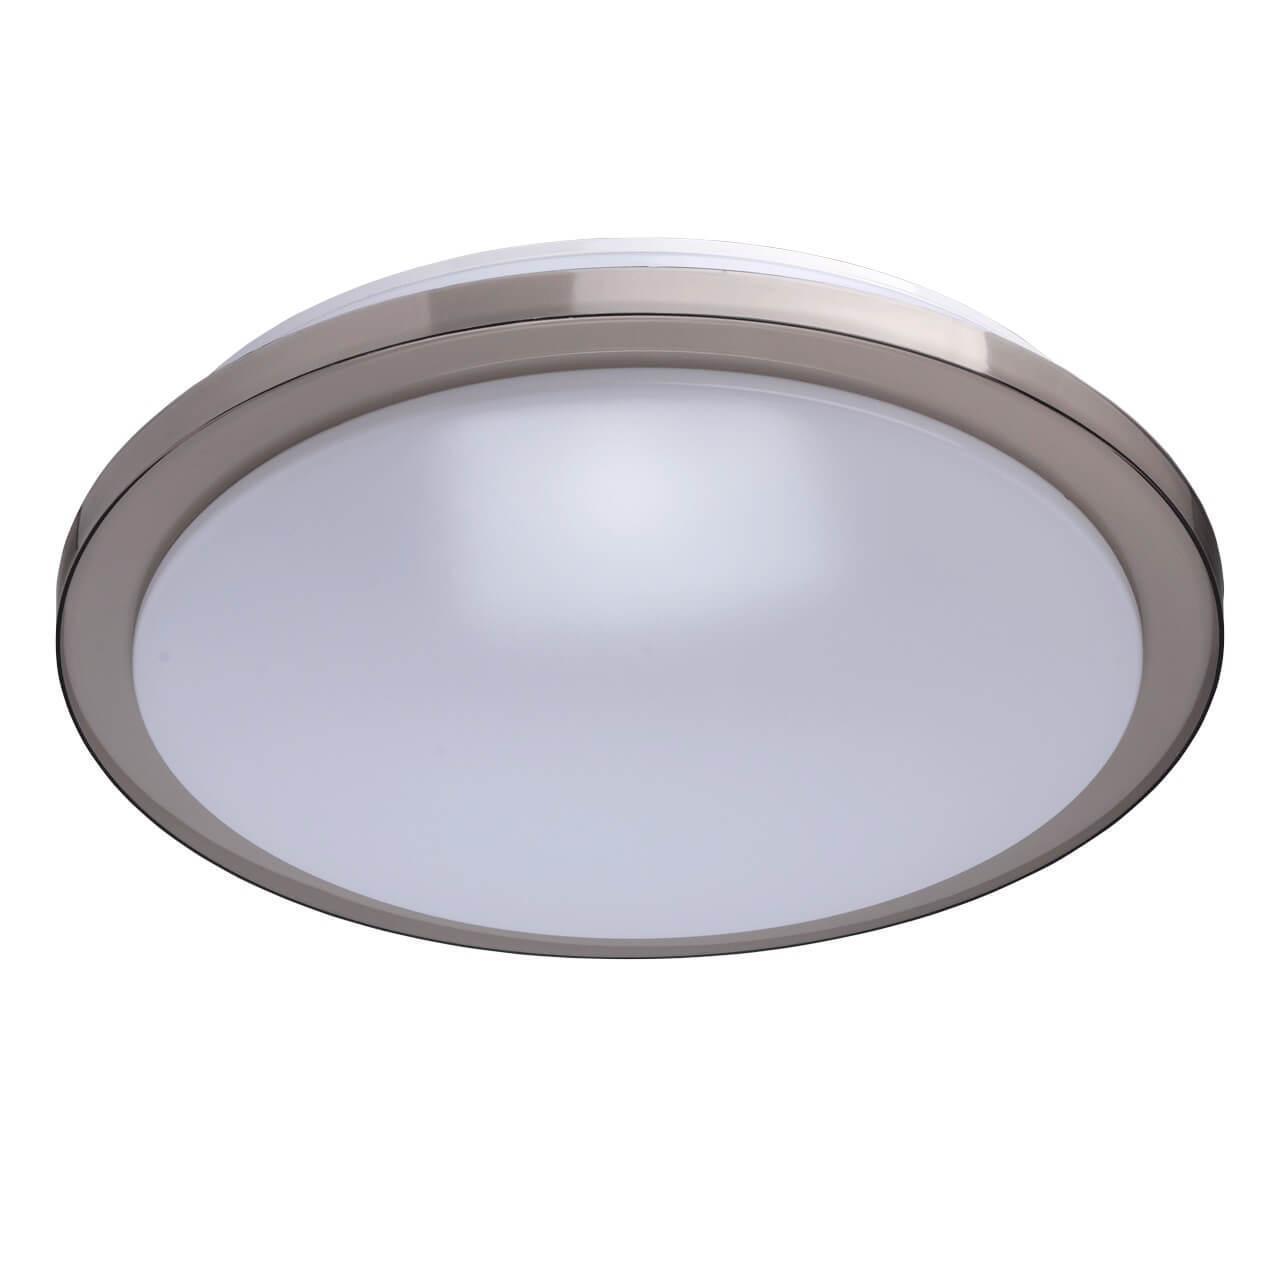 Накладной светильник MW-Light 674012601, LED, 50 Вт потолочный светодиодный светильник de markt ривз 674012101